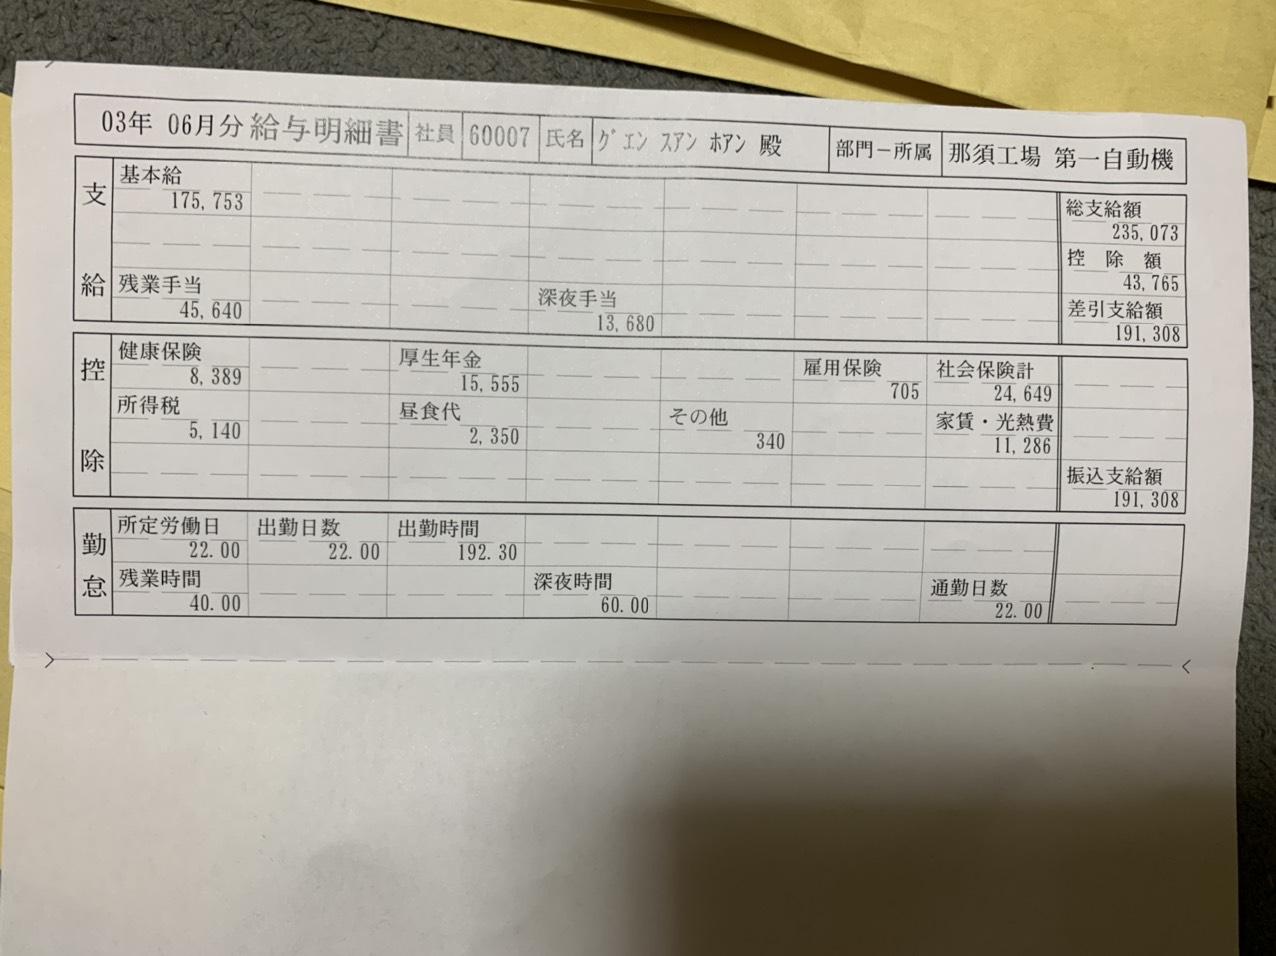 Bảng lương của động trong đơn hàng thực phẩm